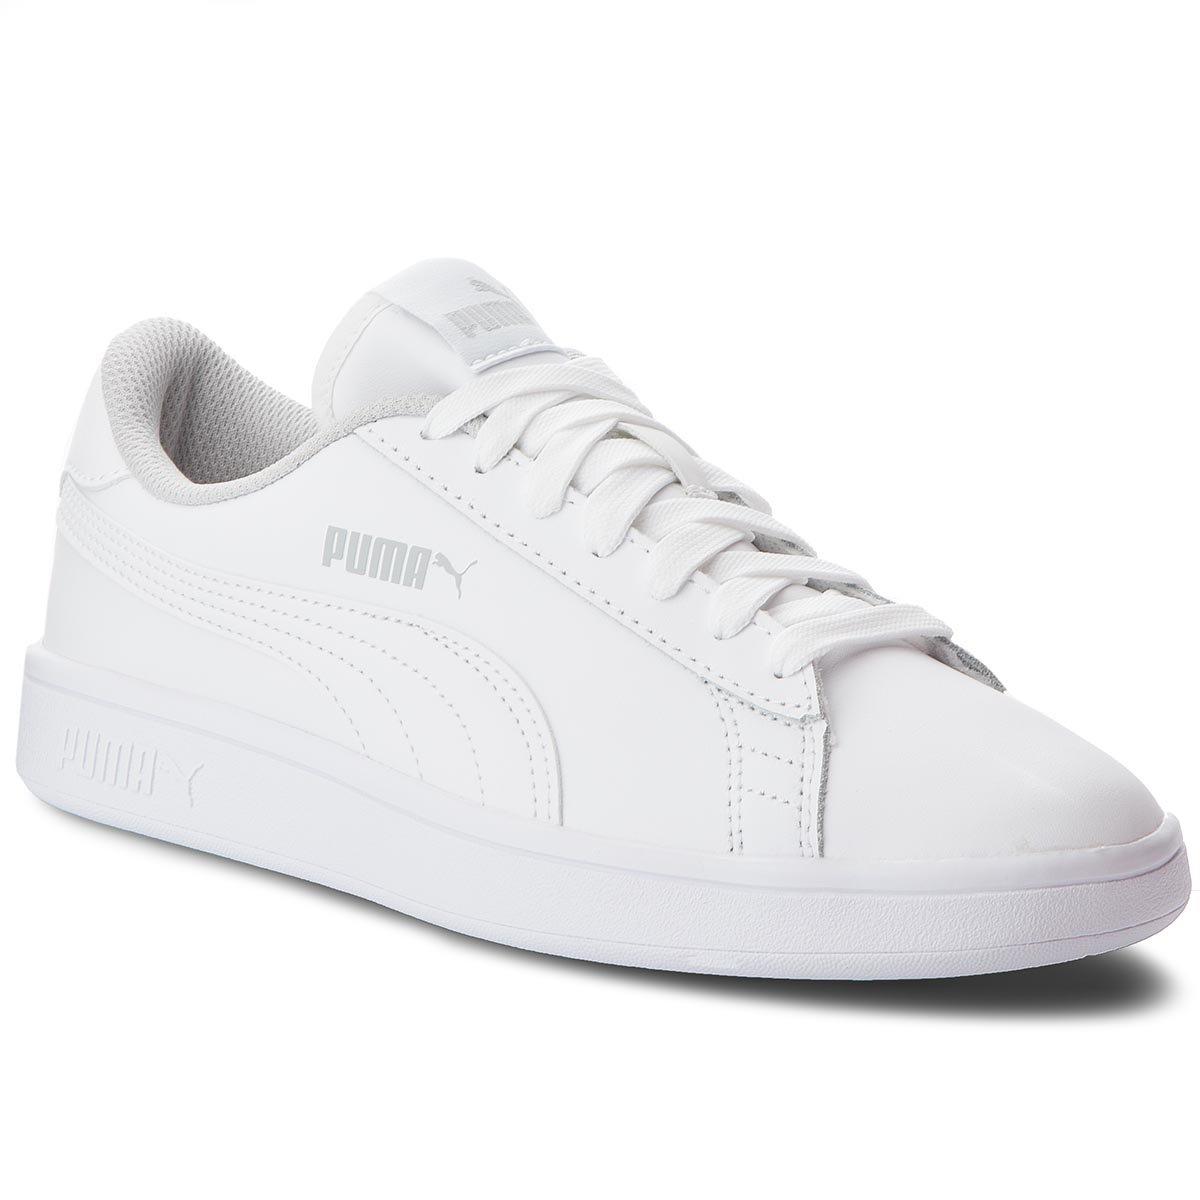 Obuwie sportowe Puma 36517002 Smash v2 L Jr Biały